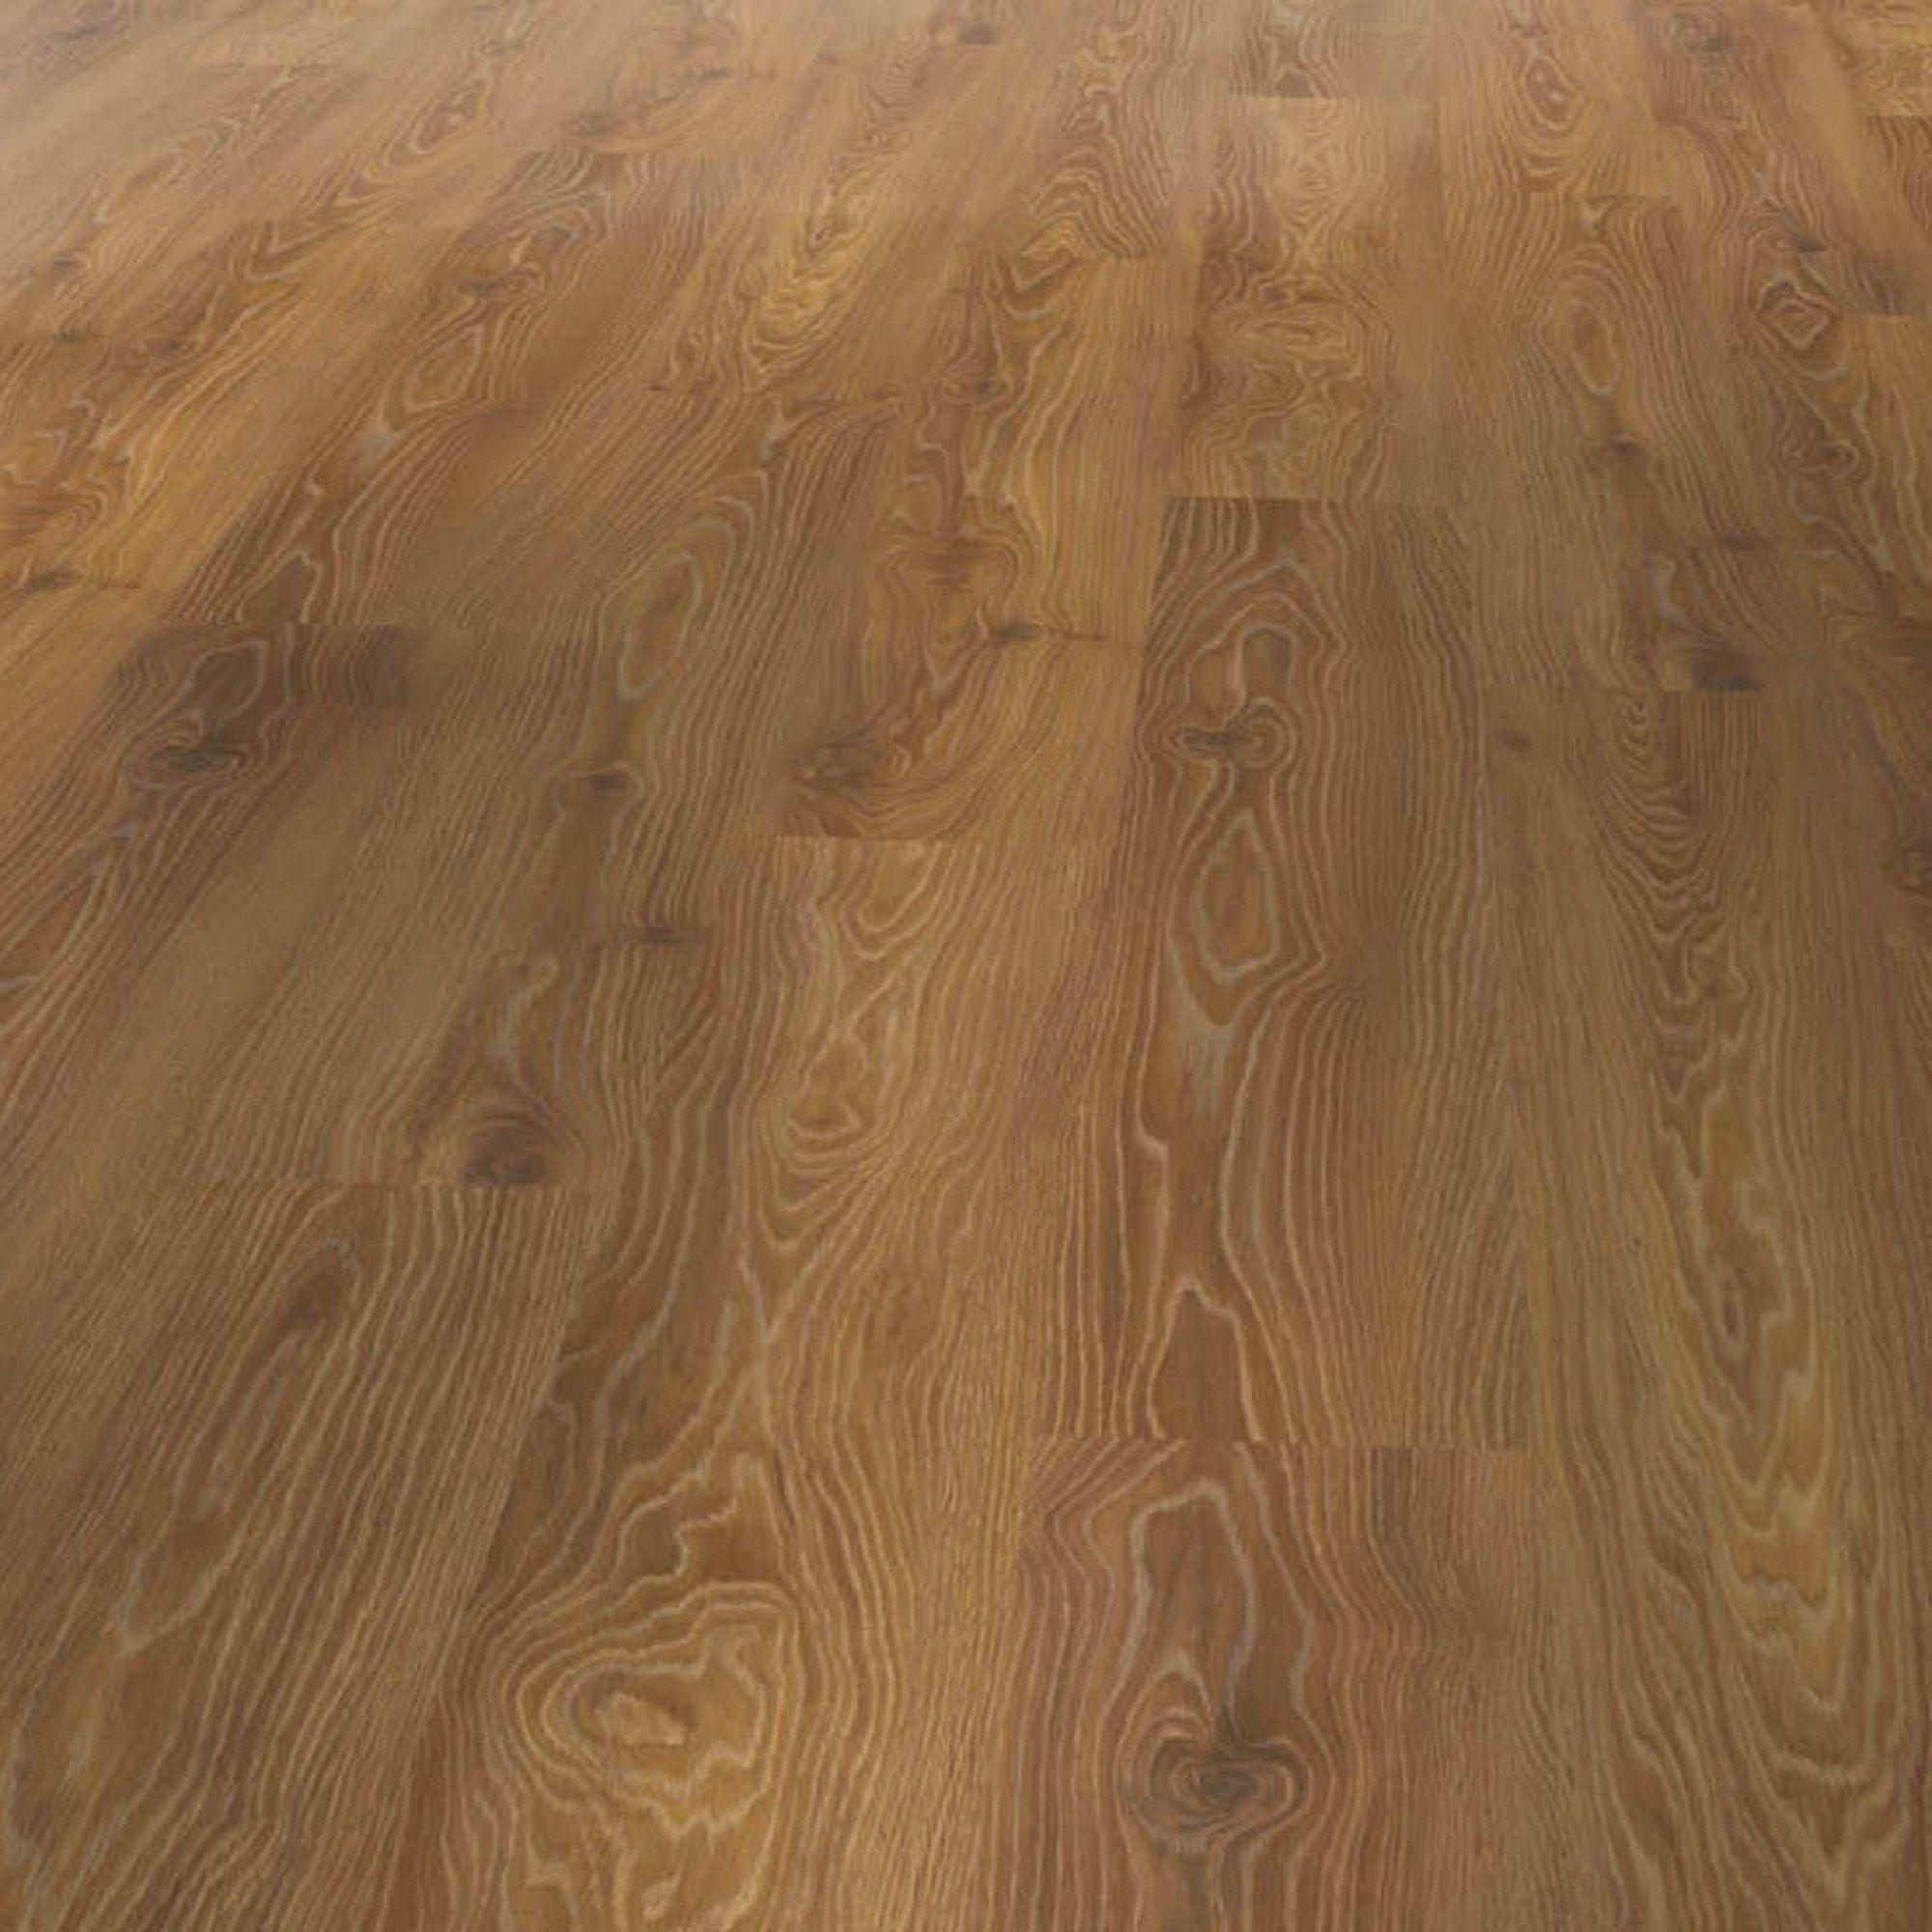 Warm Oak Effect Laminate Flooring